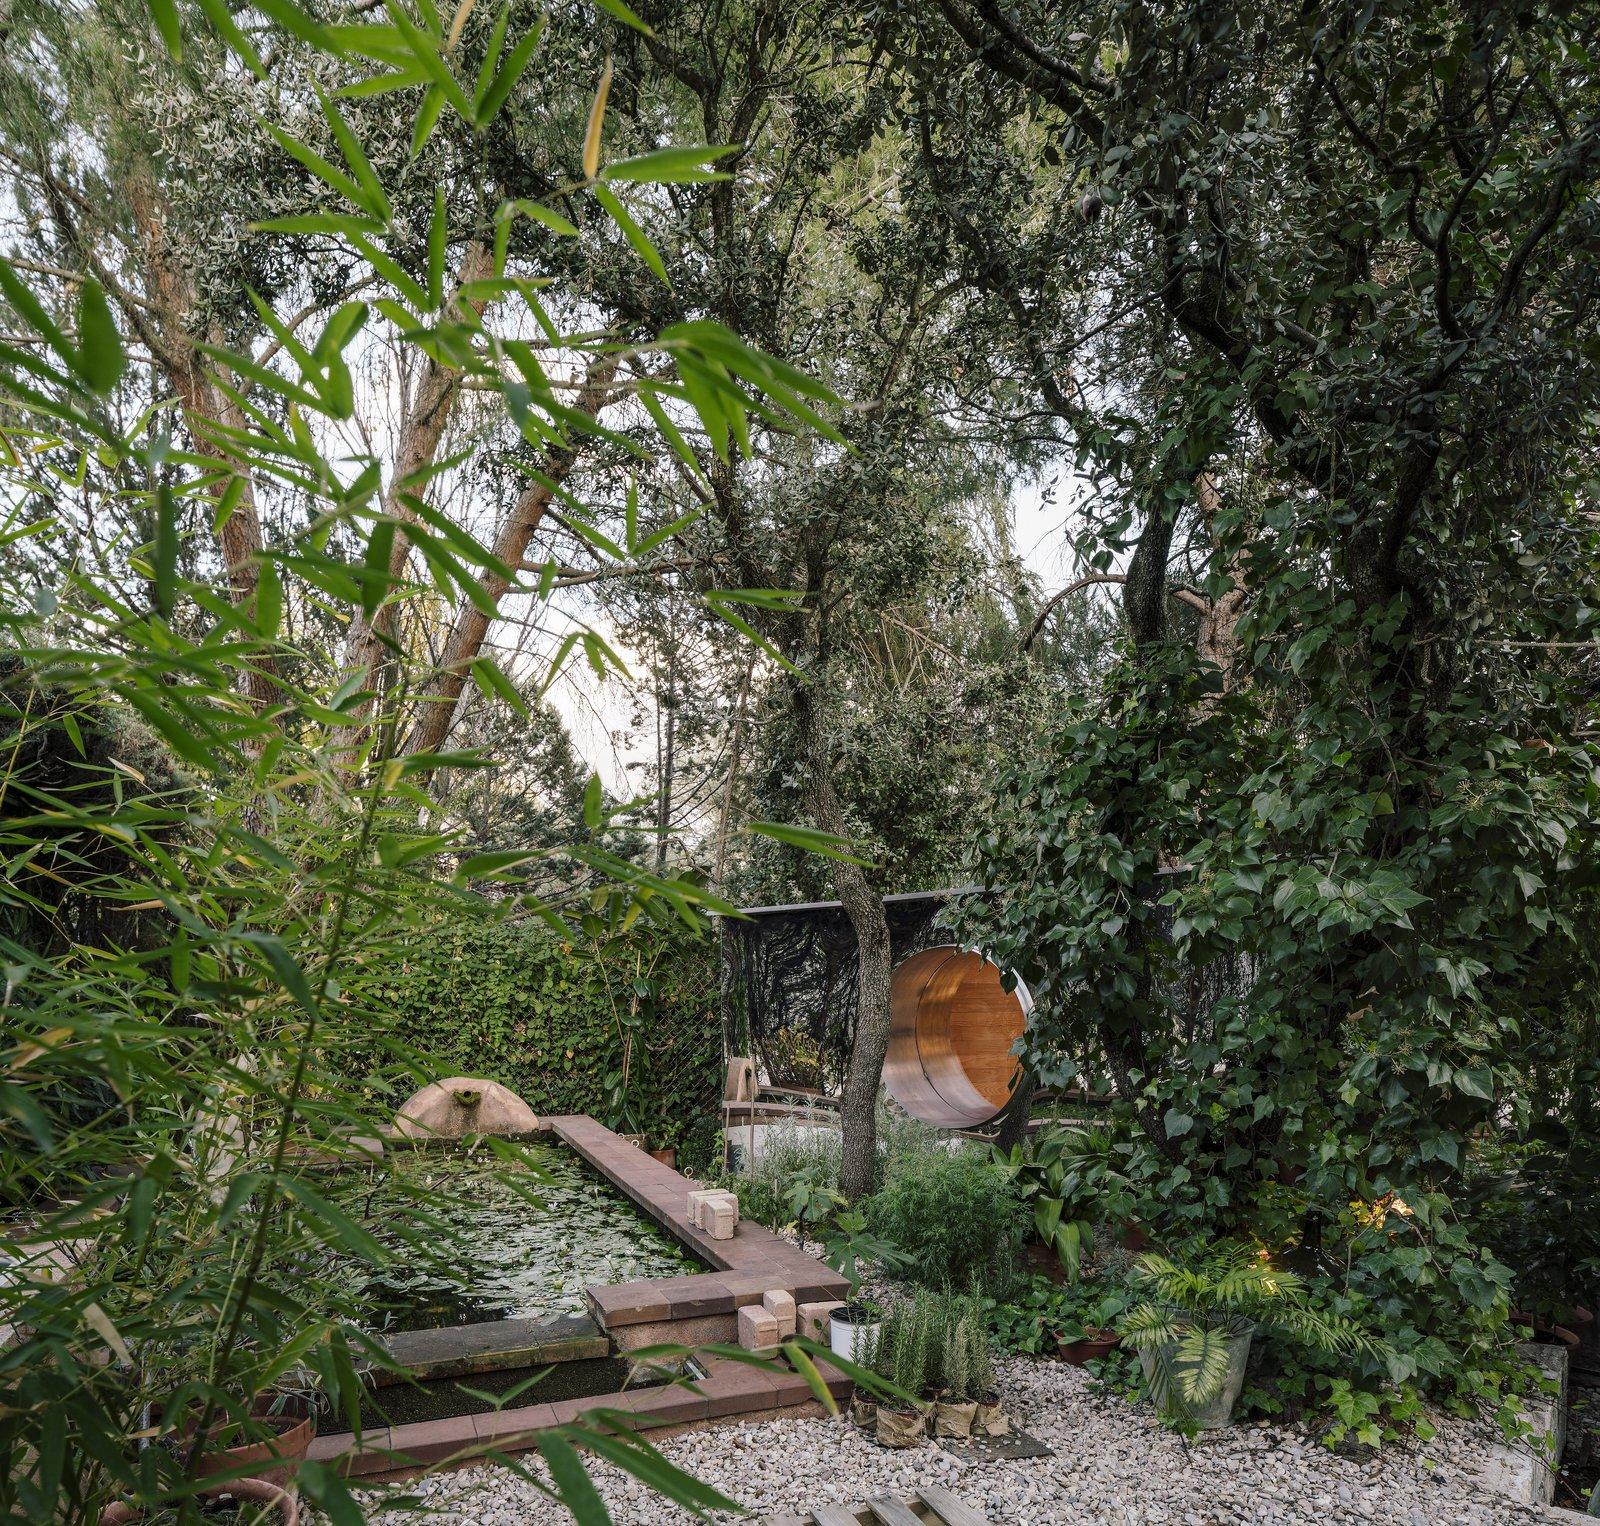 Exterior of La Madriguera by delavegacanolasso